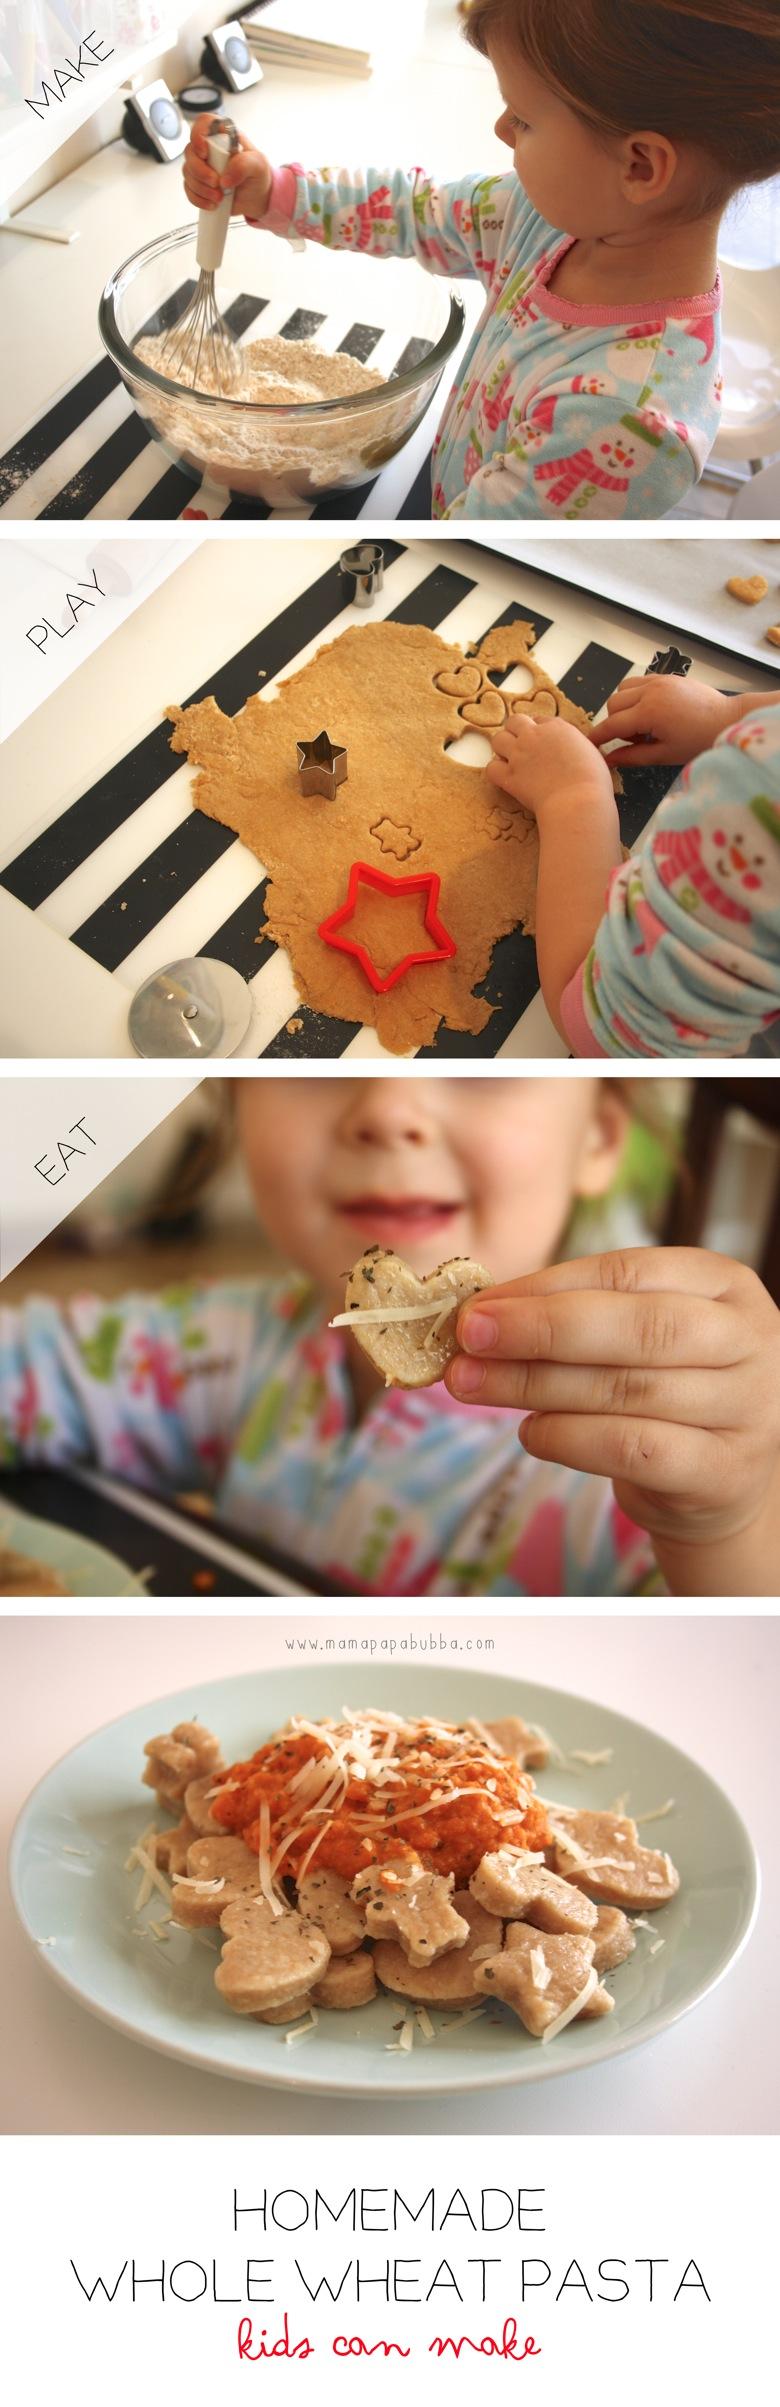 Homemade Whole Wheat Pasta Kids Can Make   Mama Papa Bubba